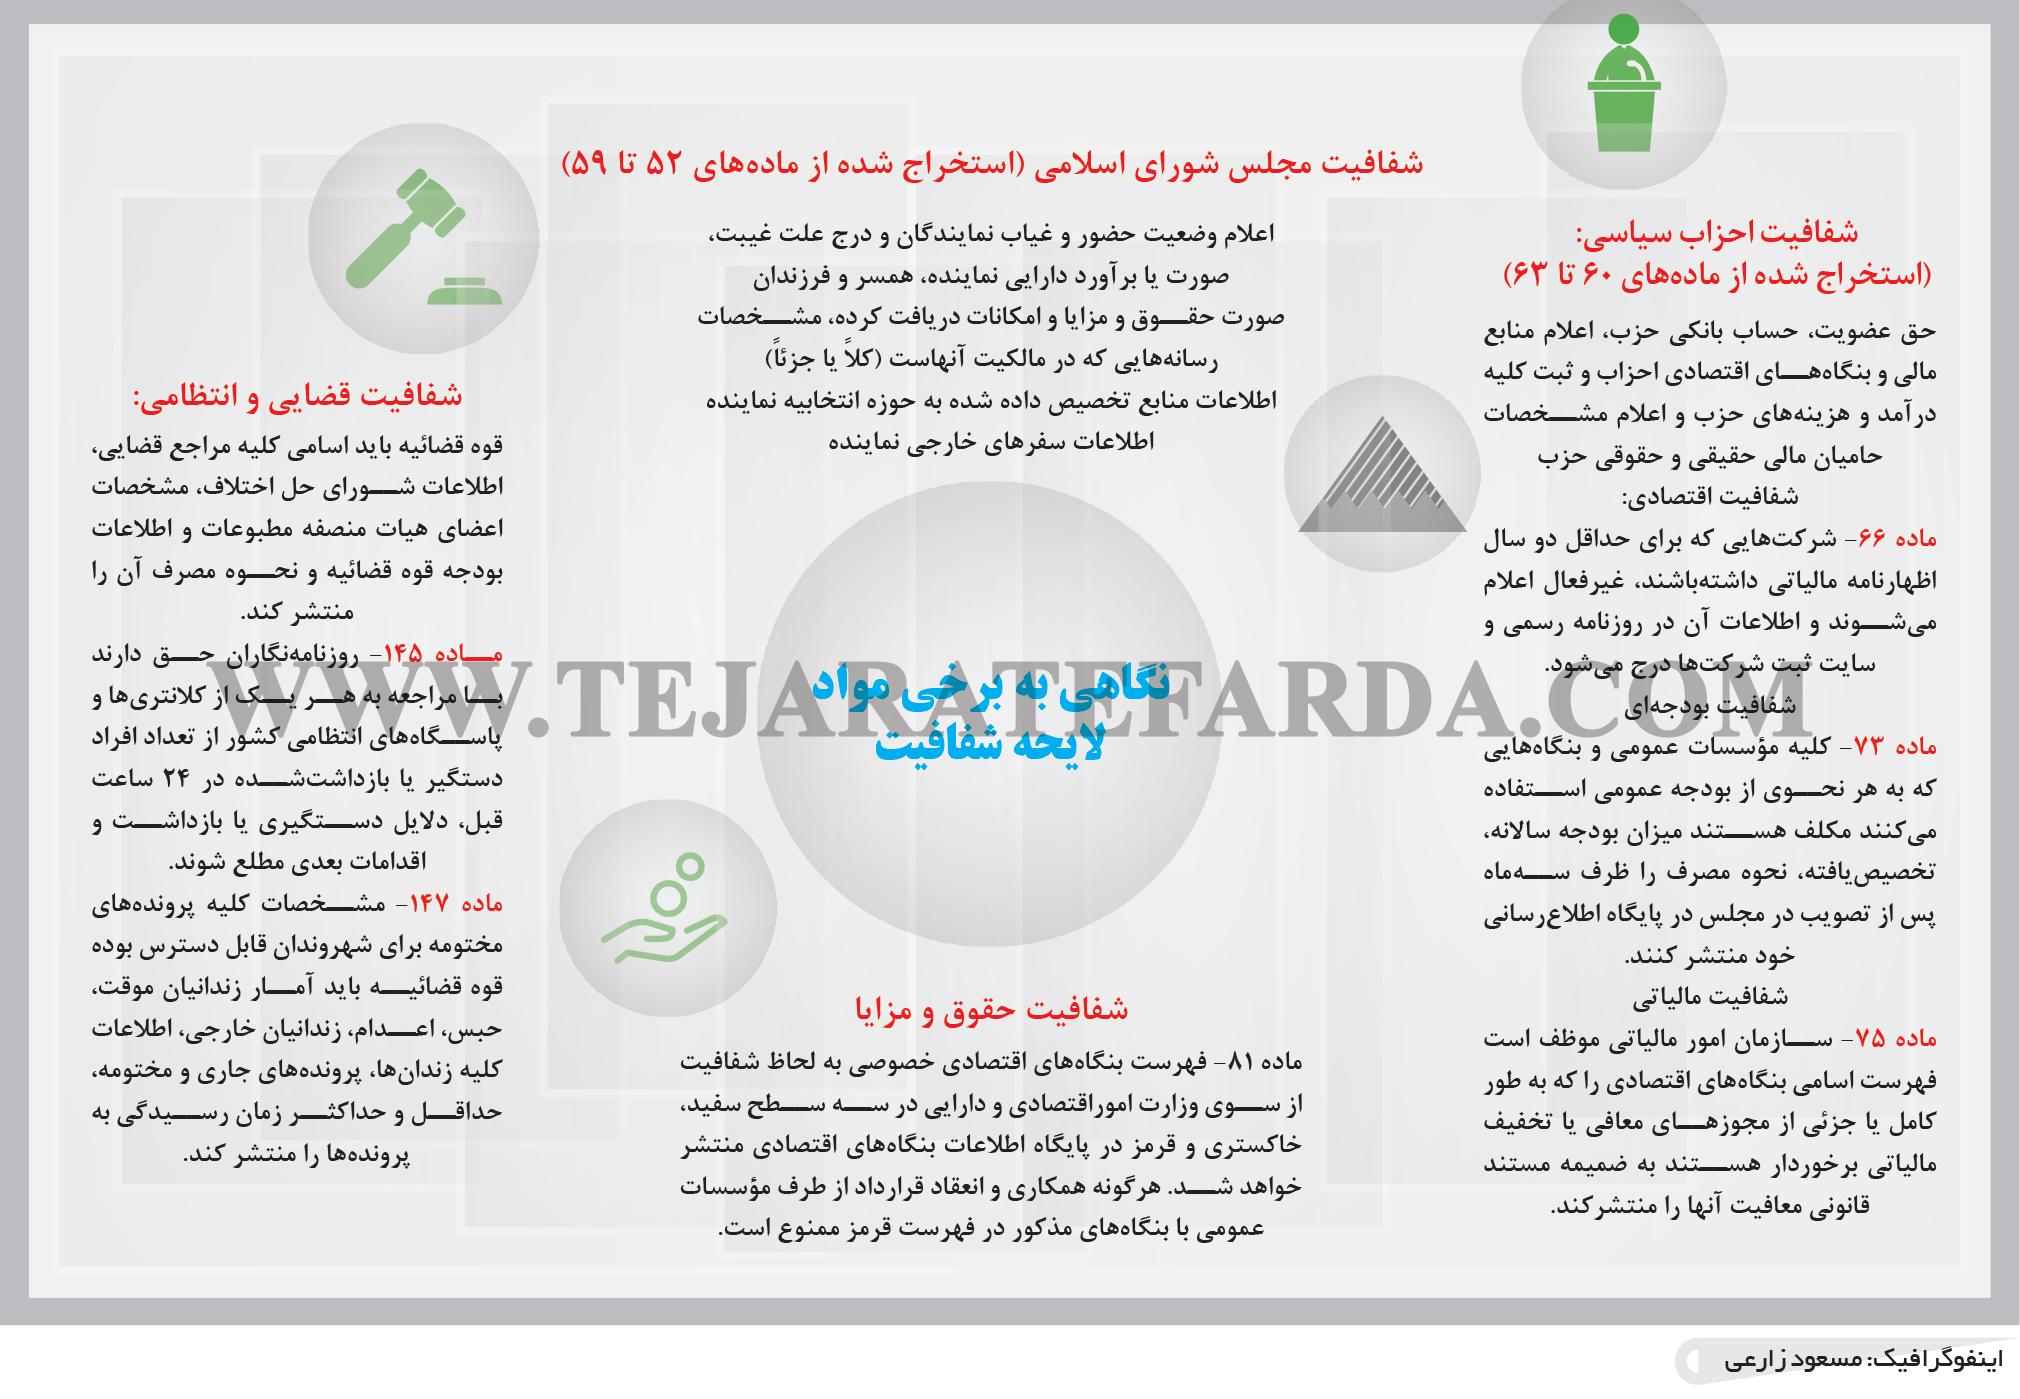 تجارت فردا- اینفوگرافیک- شفافیت مجلس شورای اسلامی (استخراج شده از مادههای 52 تا 59)